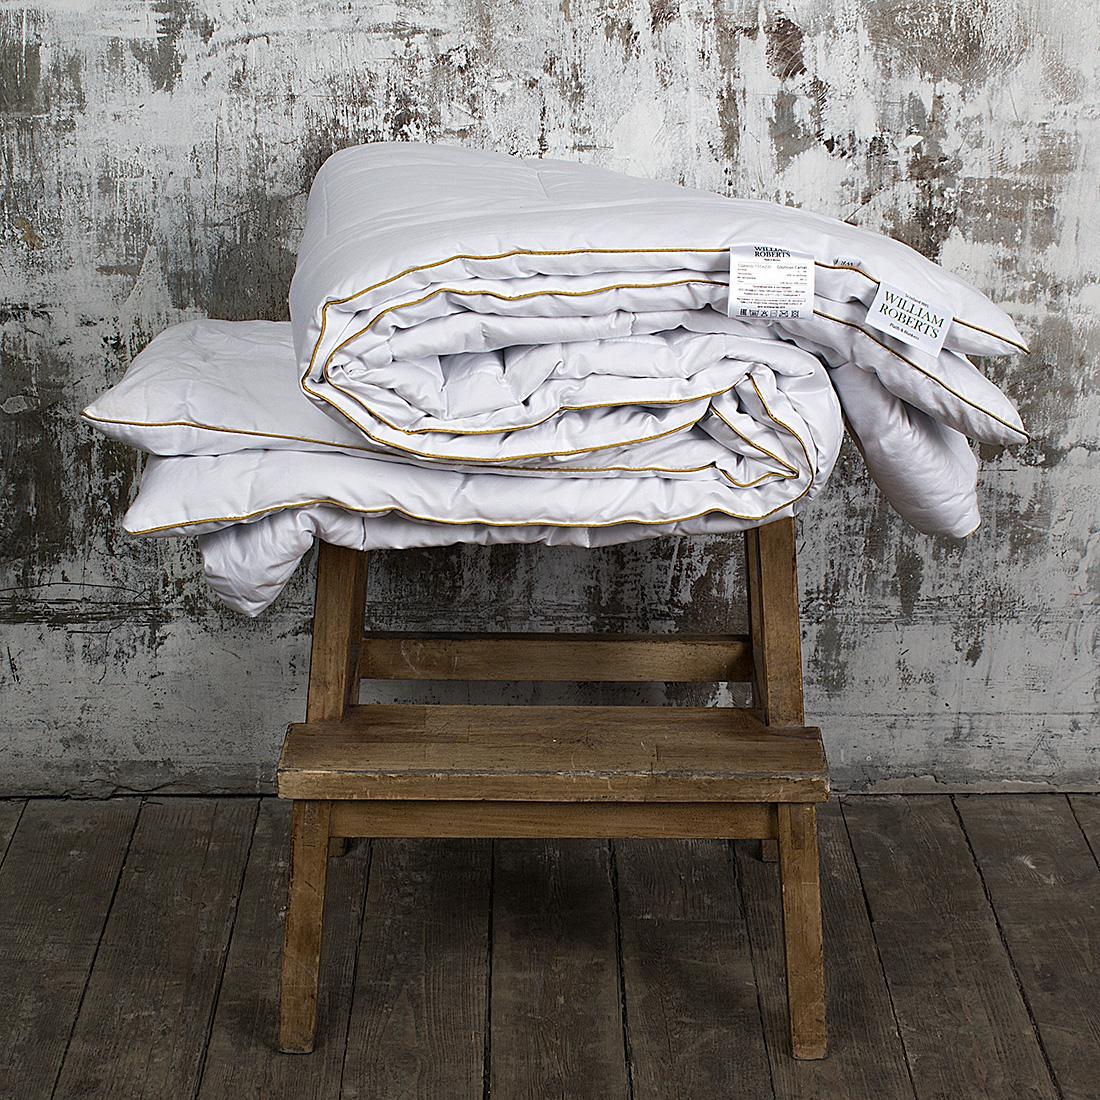 Одеяла William Roberts Одеяло Glorious Camel Всесезонное (155х200 см) одеяла william roberts одеяло essential bamboo всесезонное 155х200 см